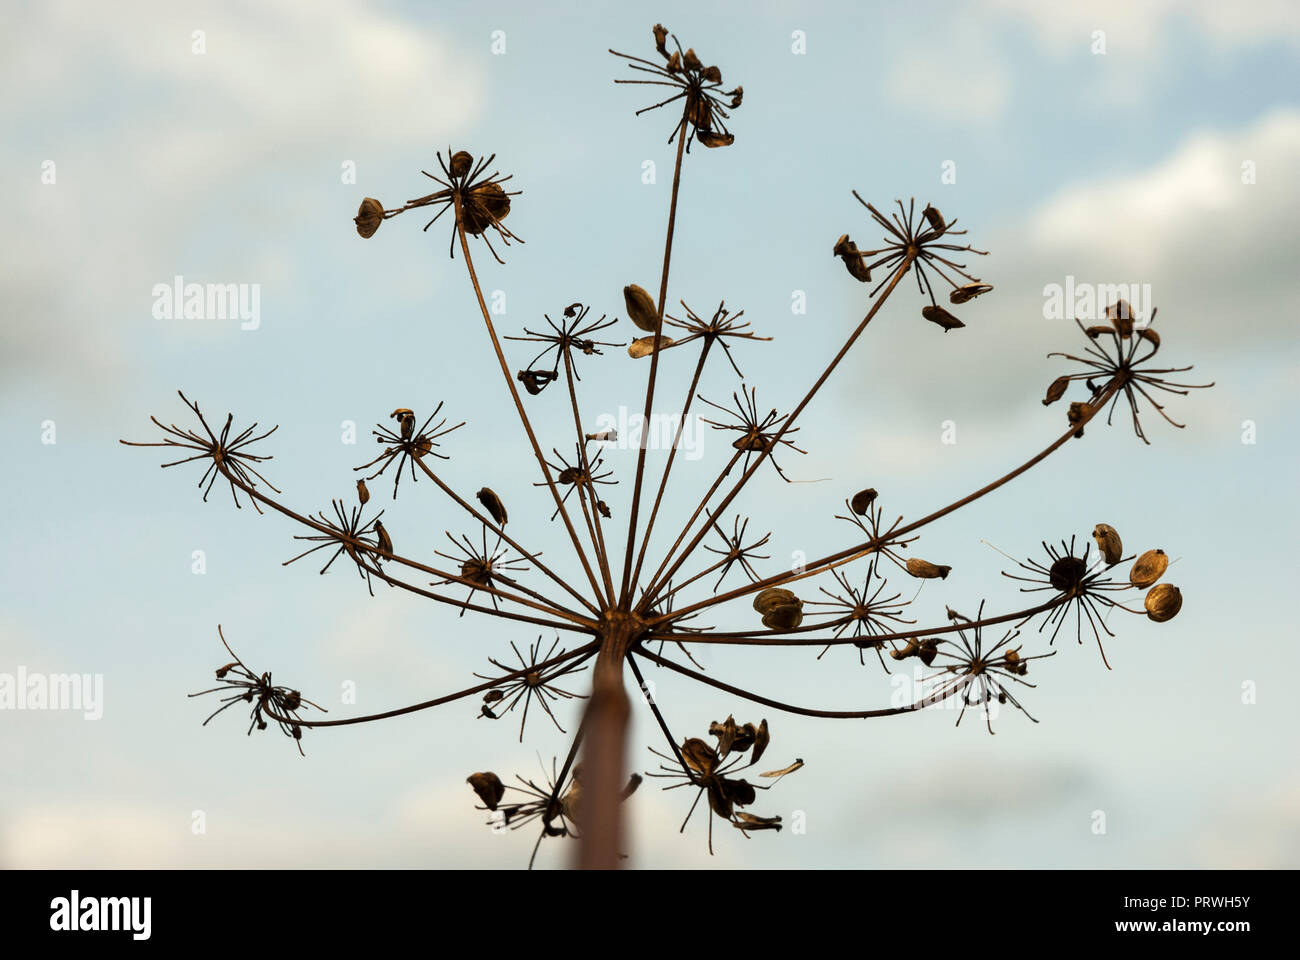 La alcachofa semillas adjunto al tallo de la alcachofa flores secas contra un cielo azul pálido. Imagen De Stock